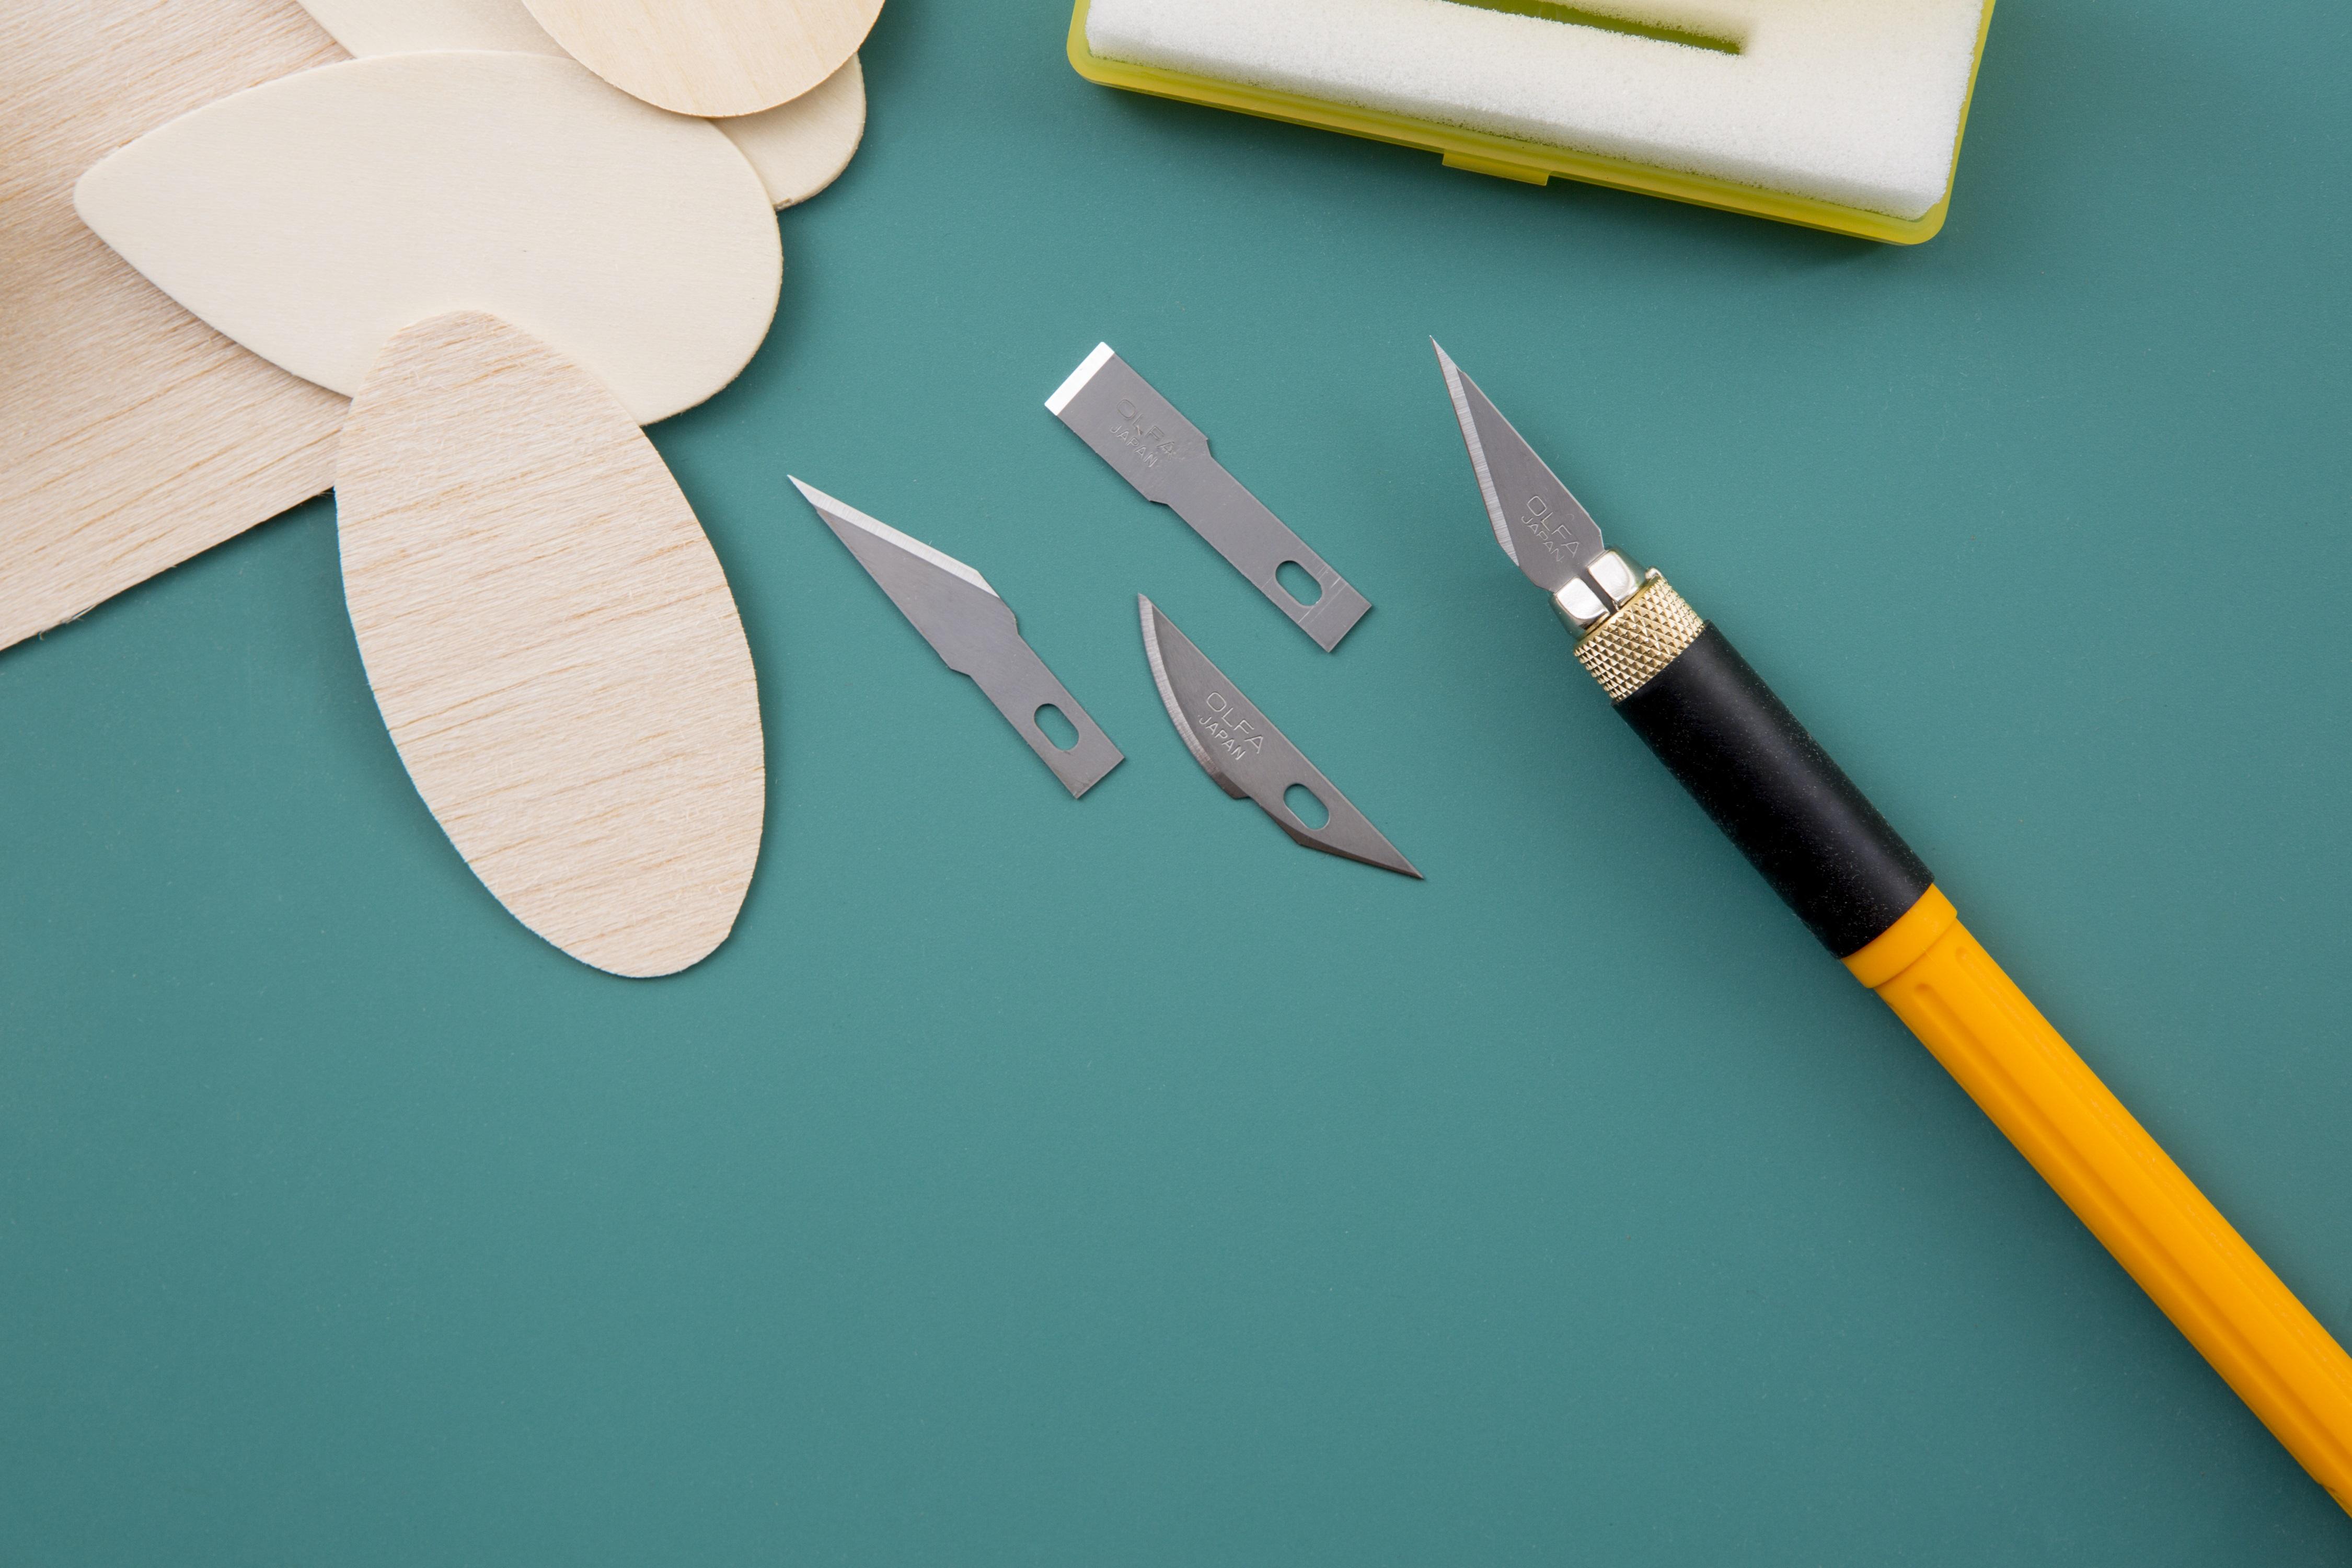 OLFA Cushion Grip Graphic Art Knife (AK-4)